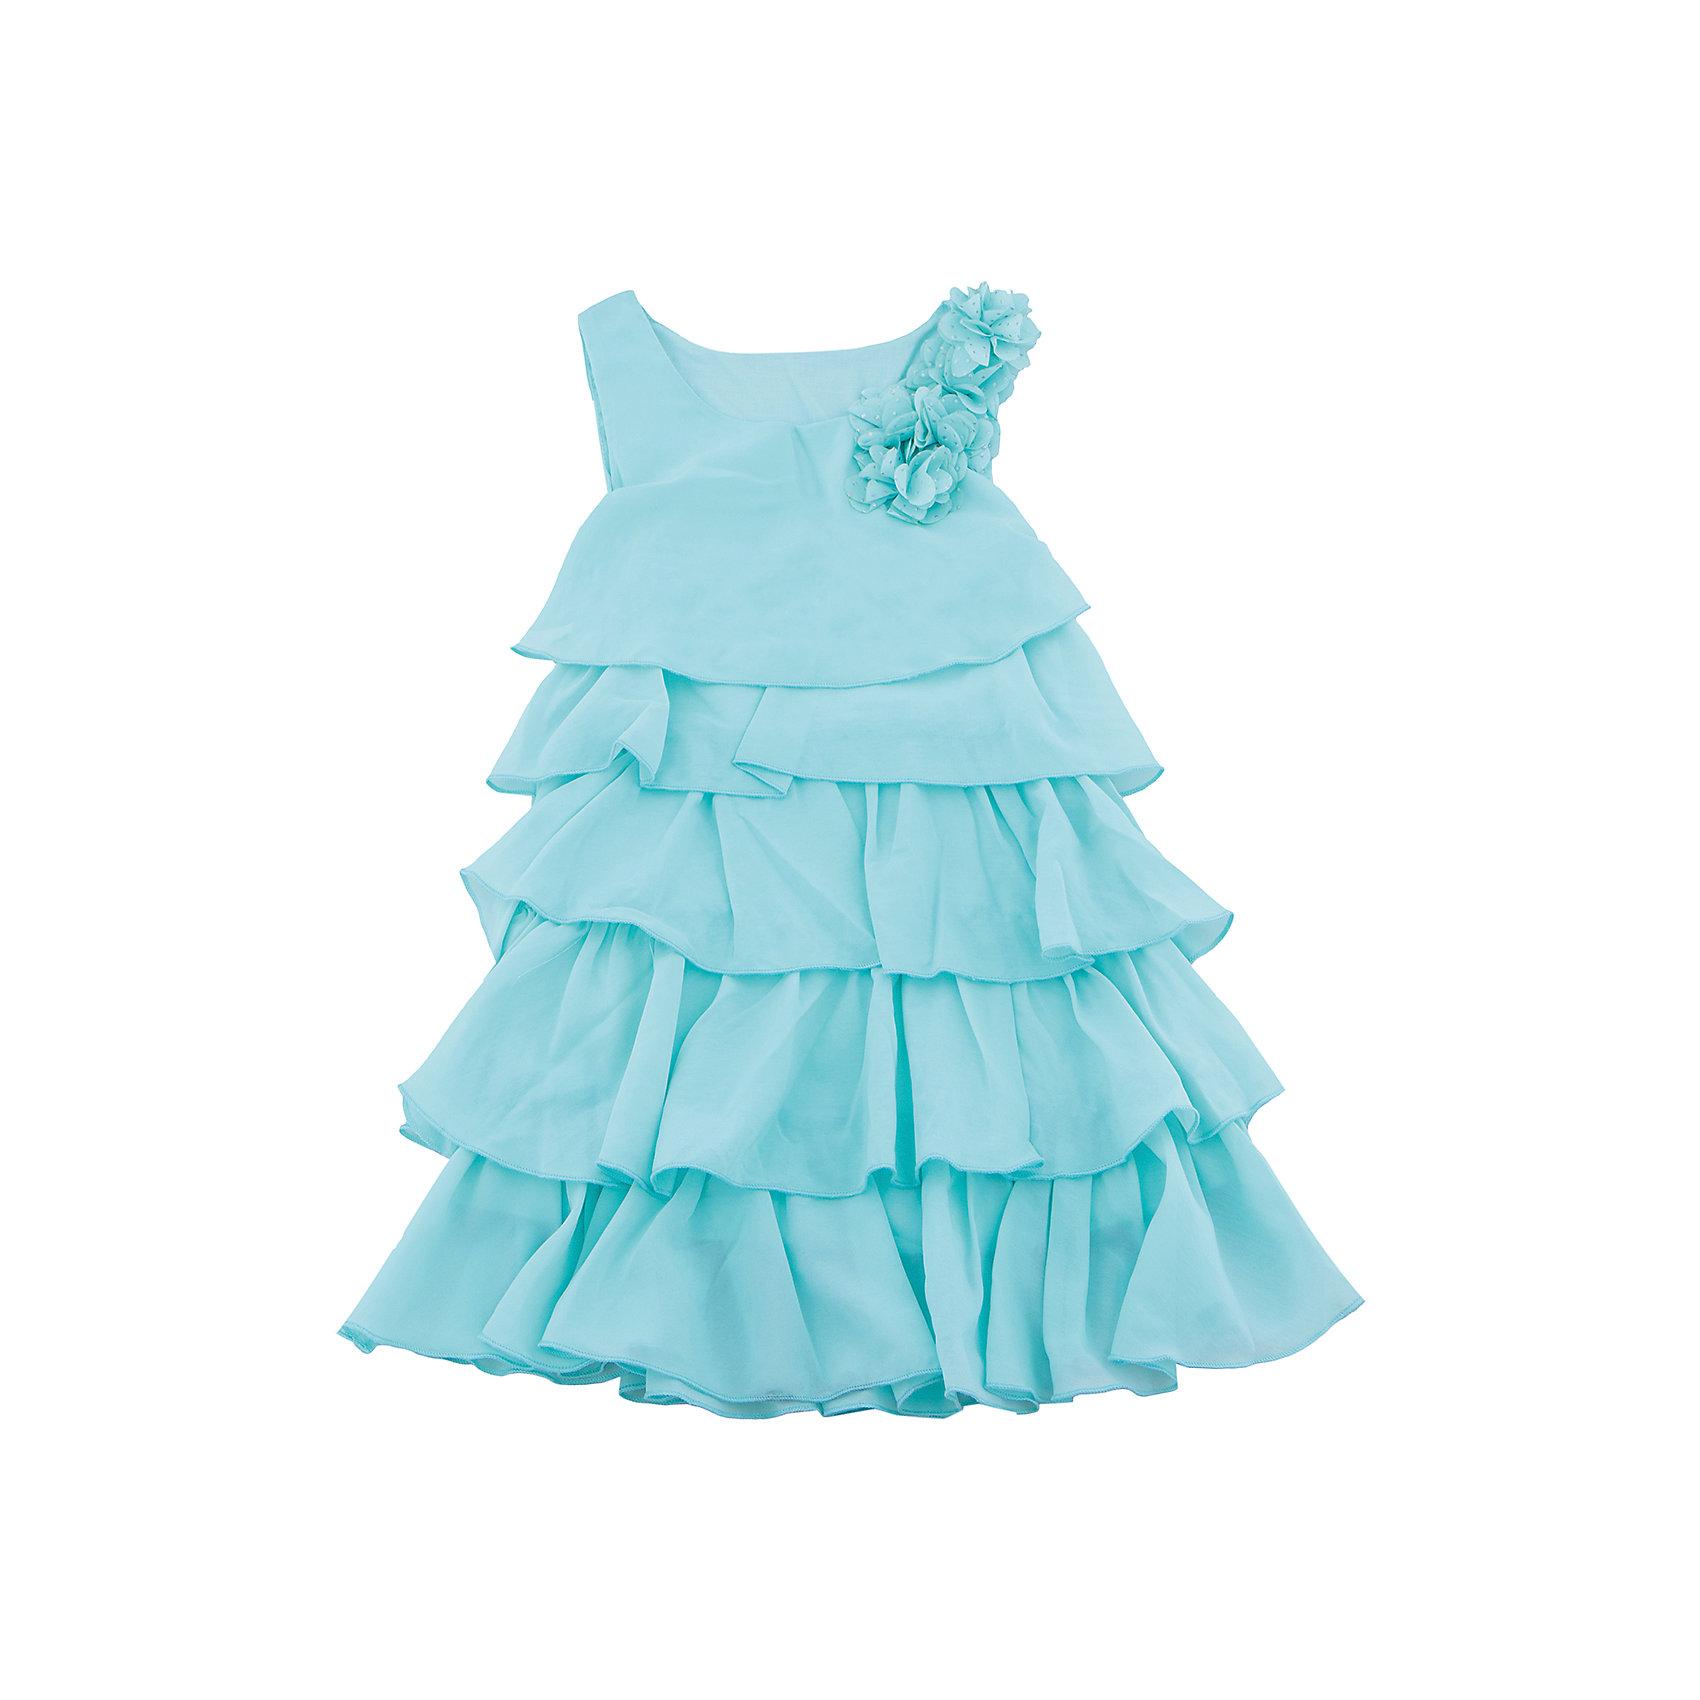 Платье для девочки Sweet BerryЛетние платья и сарафаны<br>Стильное платье для девочки из многослойной ткани. Лиф платья декорирован цветами. Свободный крой.<br>Состав:<br>Верх: 100% полиэстер, Подкладка: 100%хлопок<br><br>Ширина мм: 236<br>Глубина мм: 16<br>Высота мм: 184<br>Вес г: 177<br>Цвет: голубой<br>Возраст от месяцев: 36<br>Возраст до месяцев: 48<br>Пол: Женский<br>Возраст: Детский<br>Размер: 104,98,110,116,122,128<br>SKU: 5412741